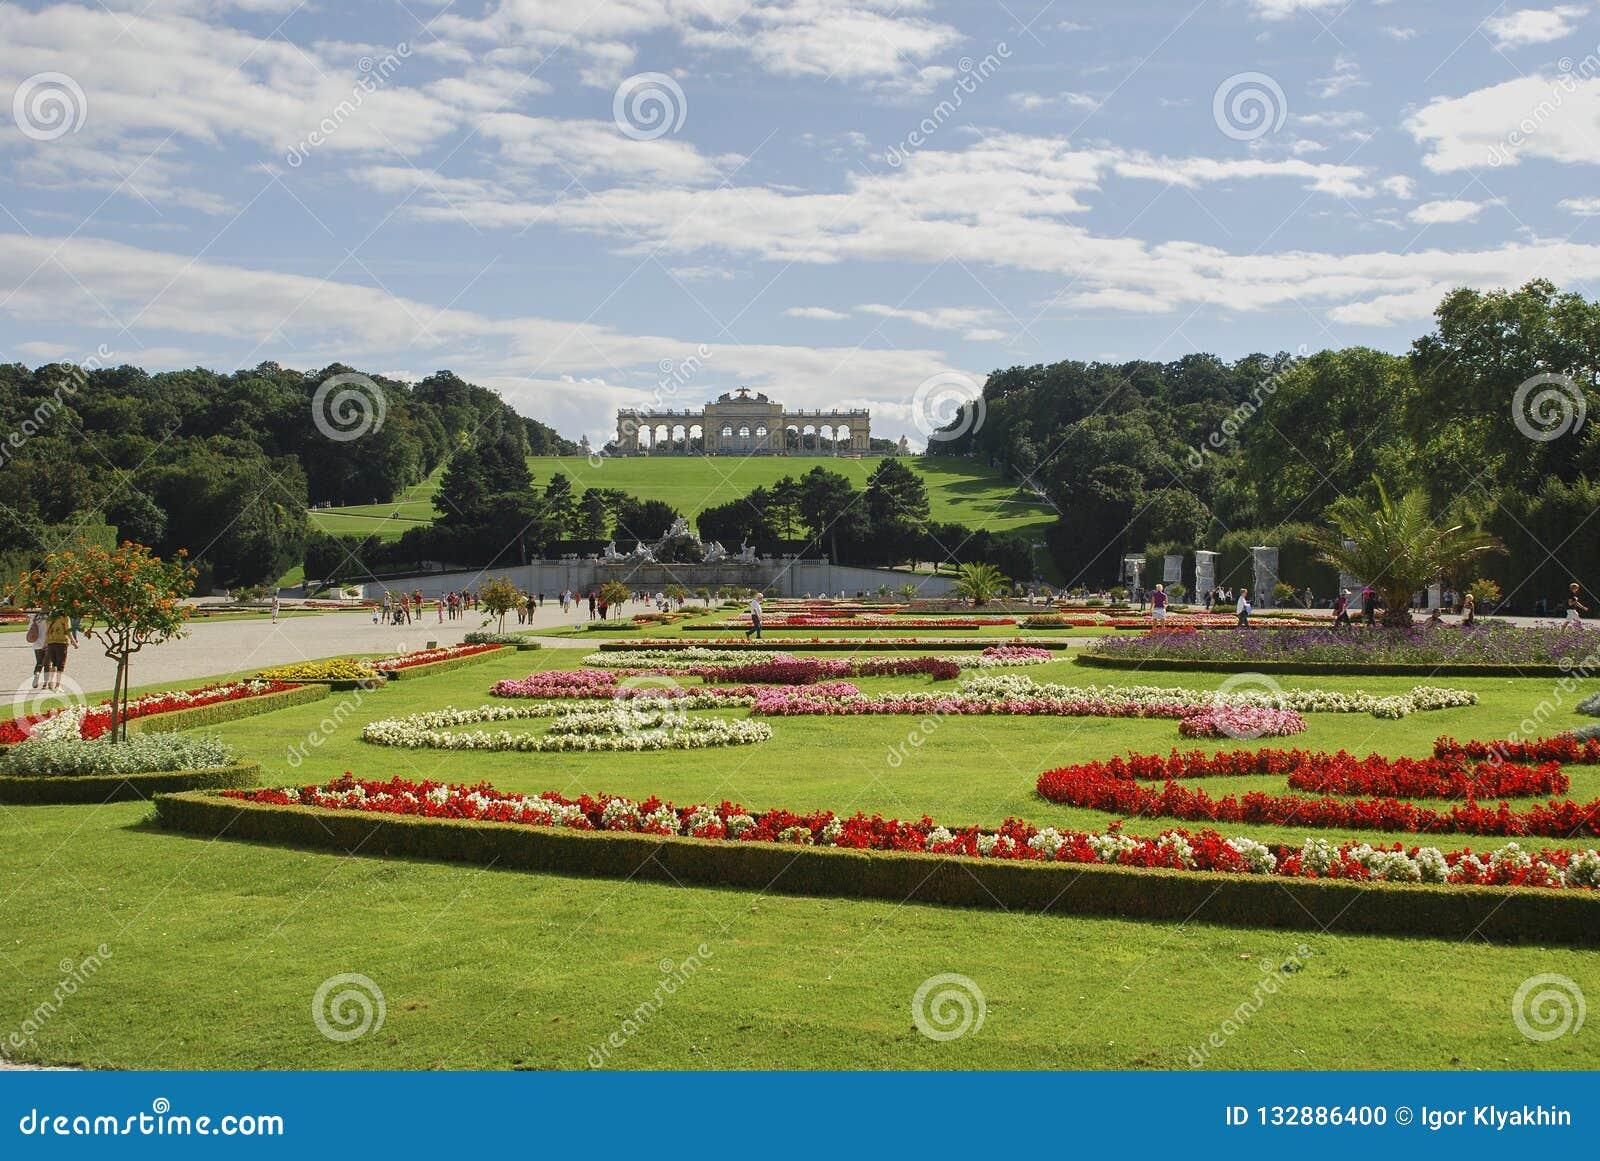 Belle vue de belvédère célèbre de Schloss, établie par Johann Lukas von Hildebrandt comme résidence d été pour le prince